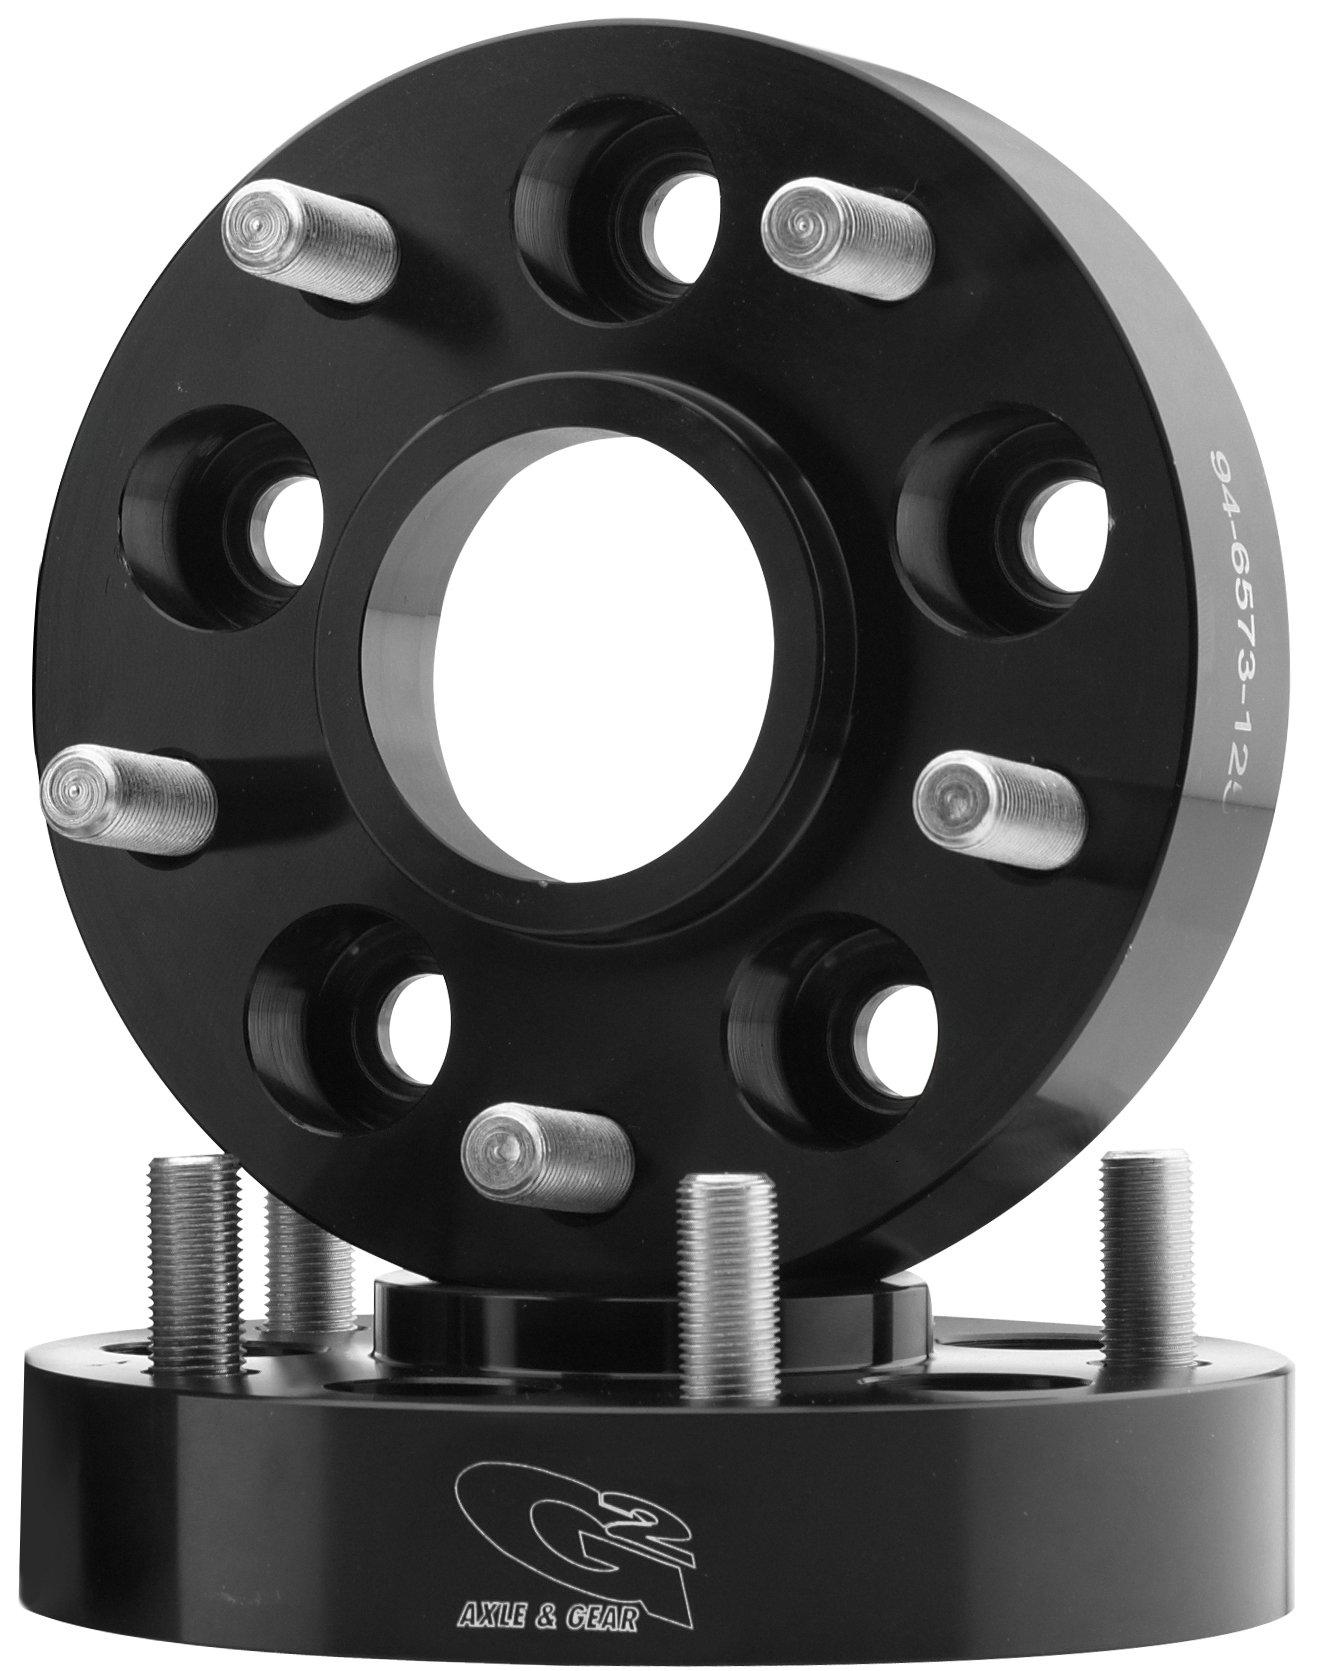 Jeep Wheel Bolt Pattern : wheel, pattern, 94-6585-125, 1.25